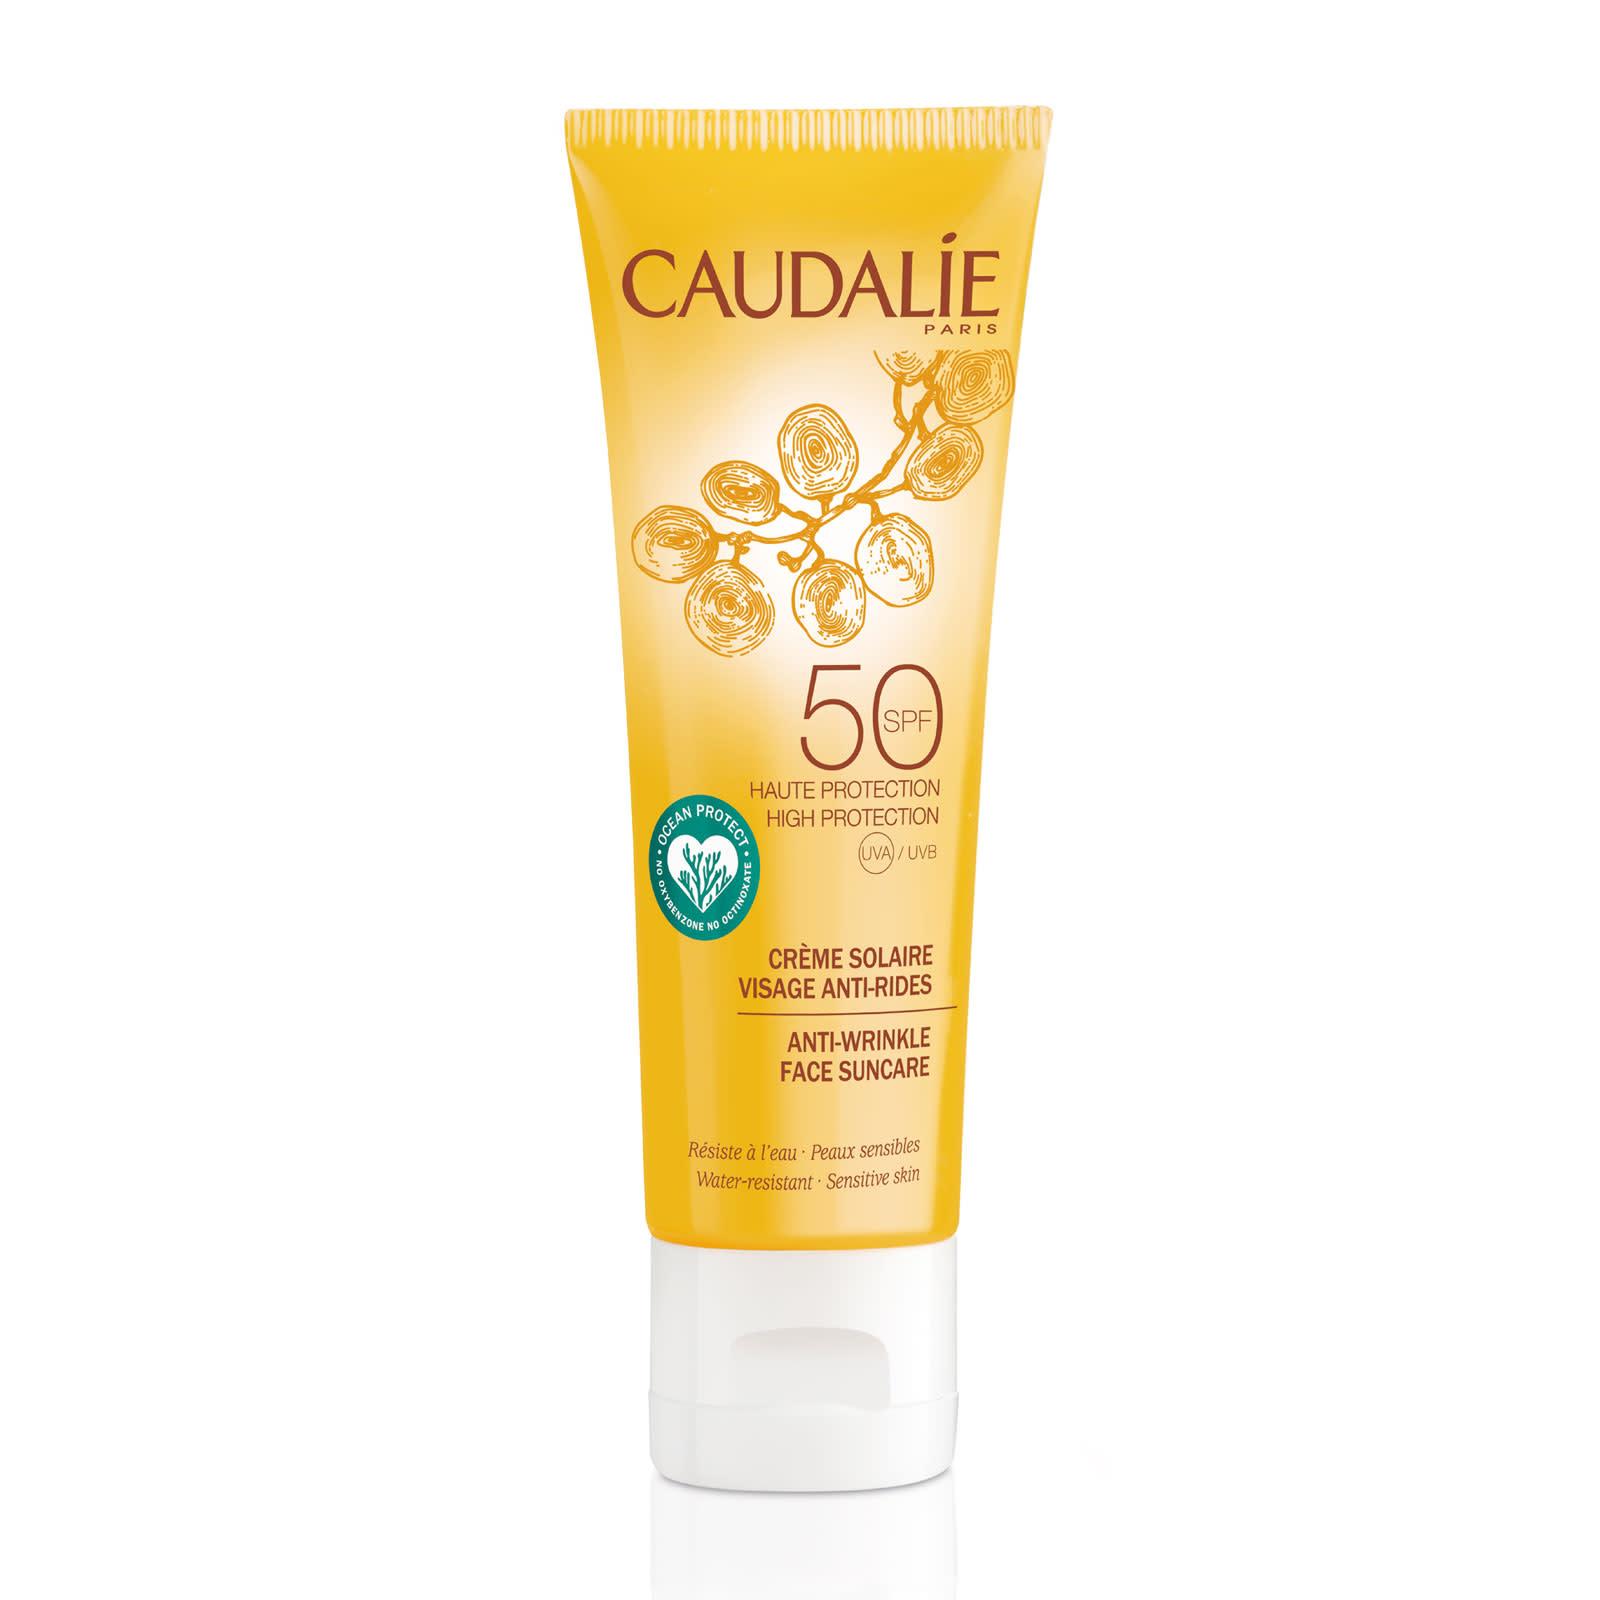 Caudalie Anti-Wrinkle Face Suncare SPF50 32 лв. Кремът против бръчки с висока слънчева защита не просто предпазва кожата, но и я хидратира в дълбочина, без да оставя мазен филм.